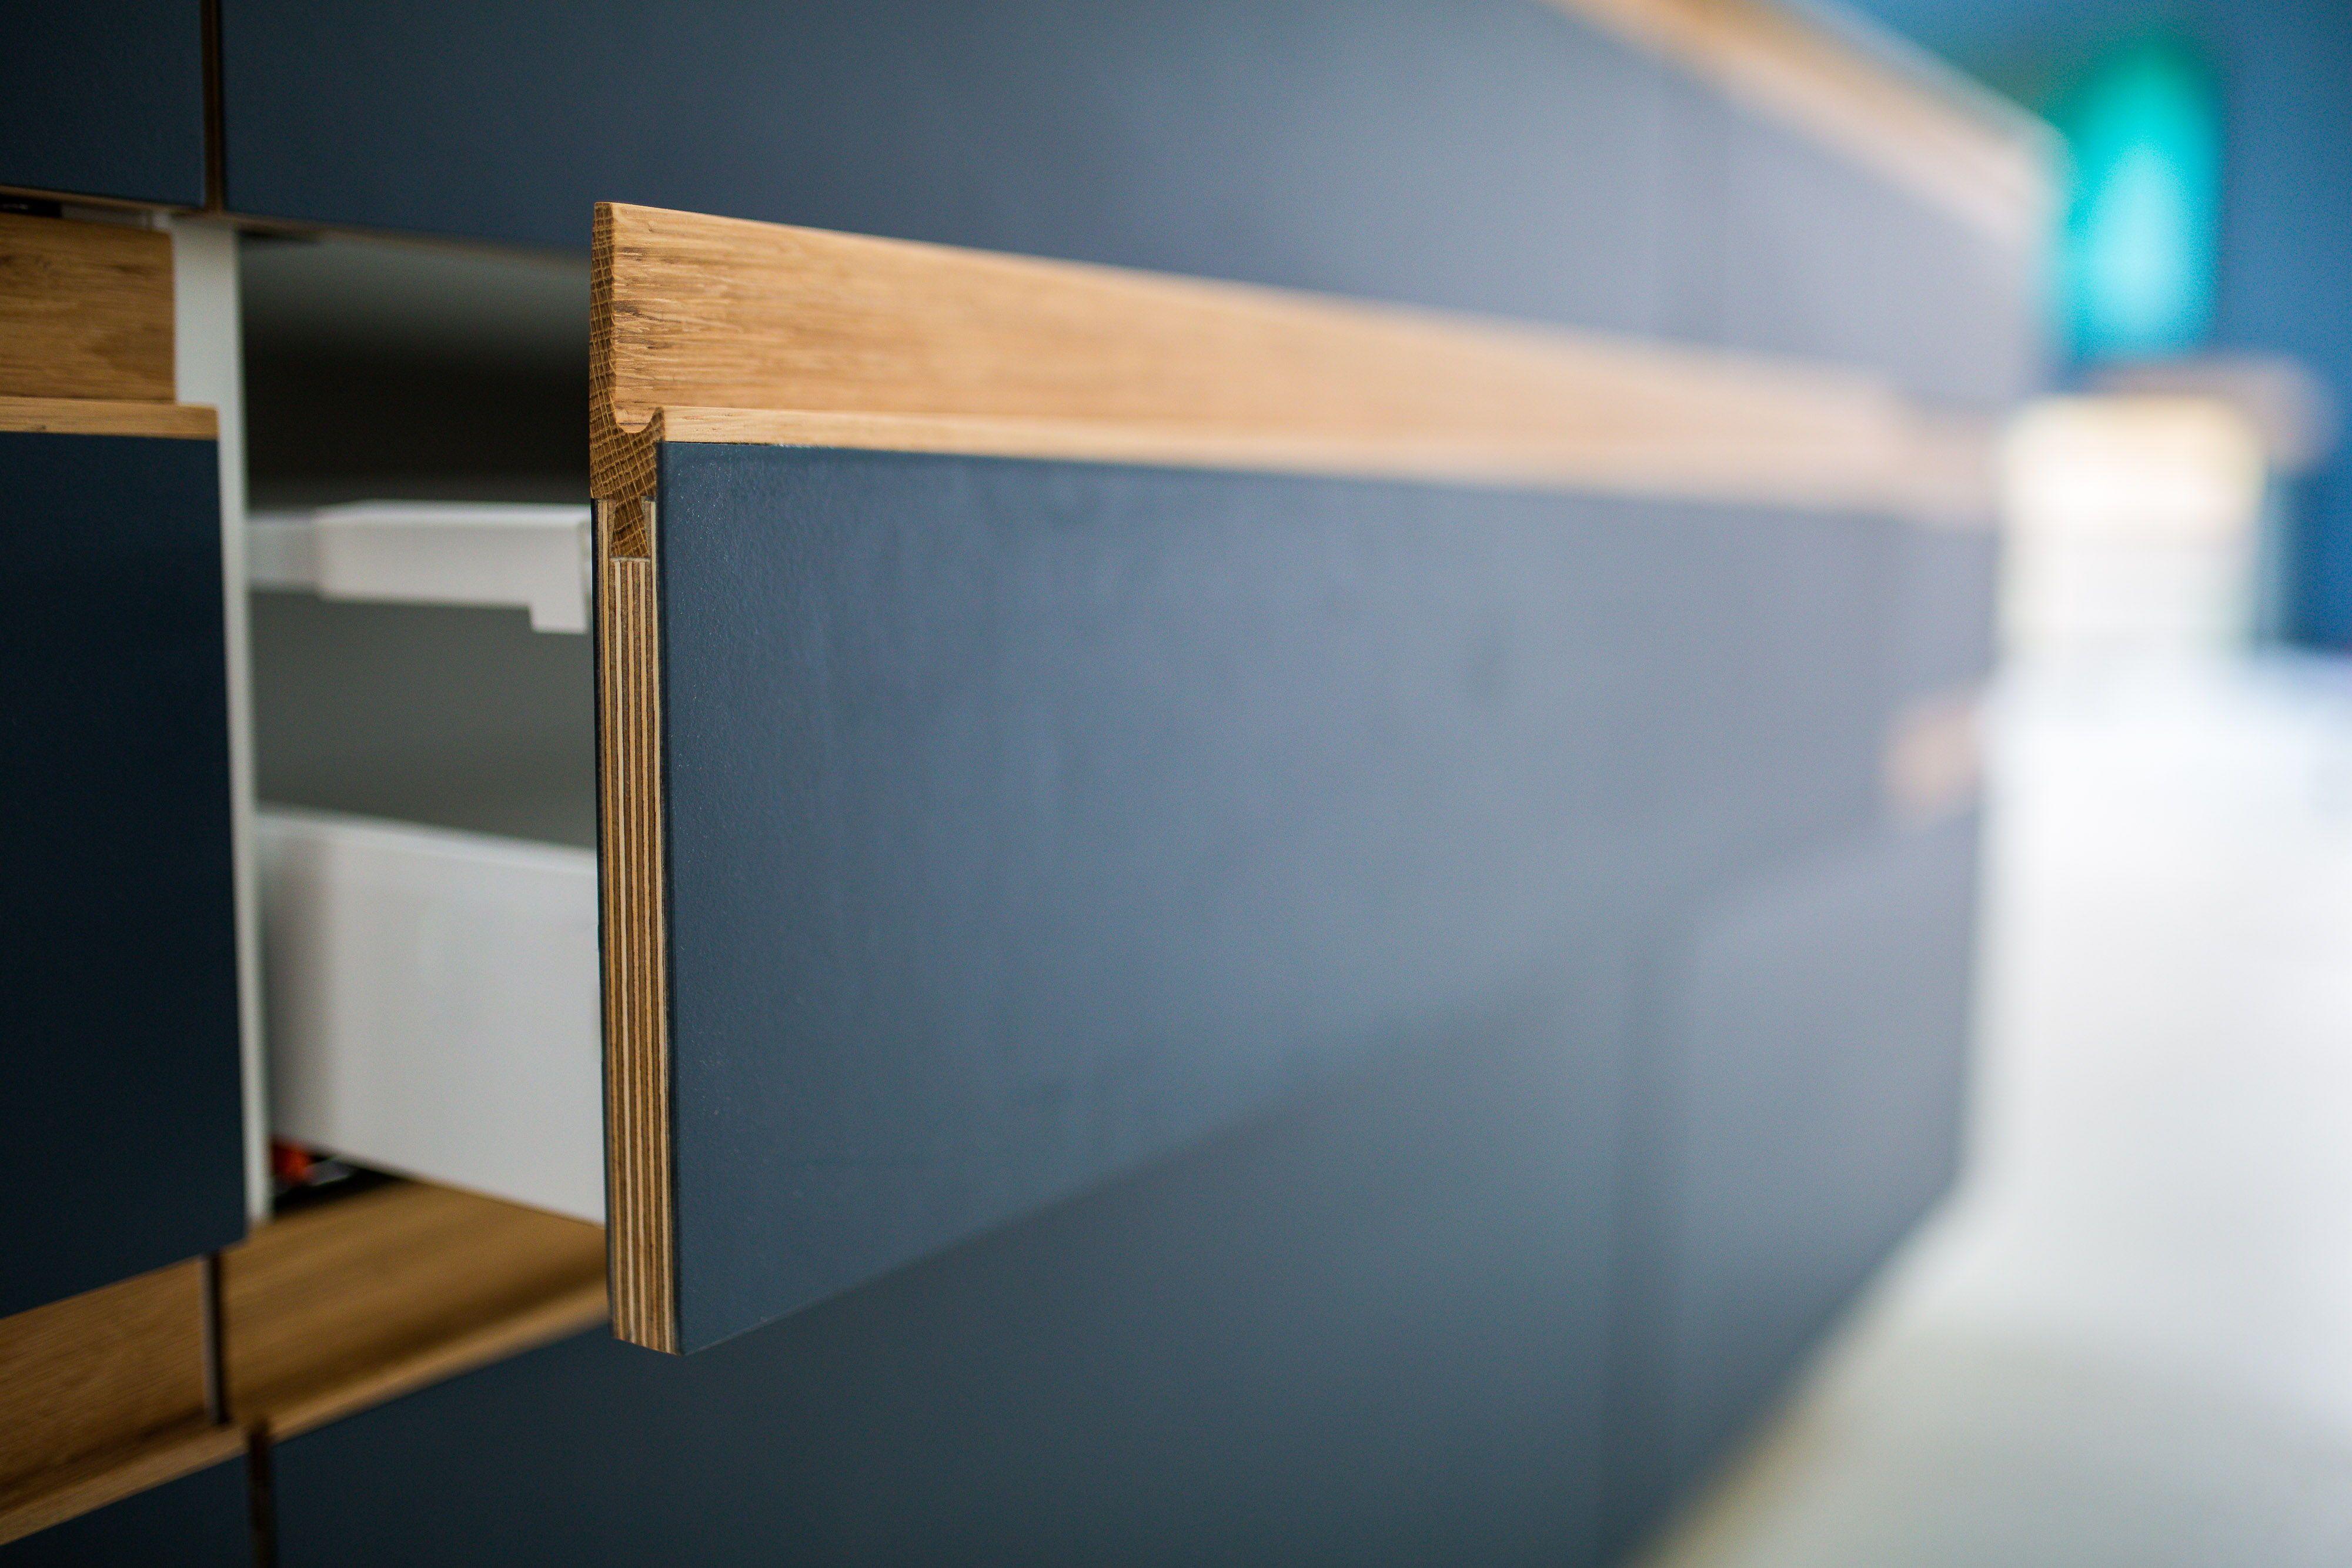 Fronten Fur Ikea Kitchen Design Blue St Linoleum Mit Nussbaum Geolter Griffleiste Photo Nedim Husicic Mit Bildern Sperrholzkuche Kuchen Fronten Ikea Kuchenideen